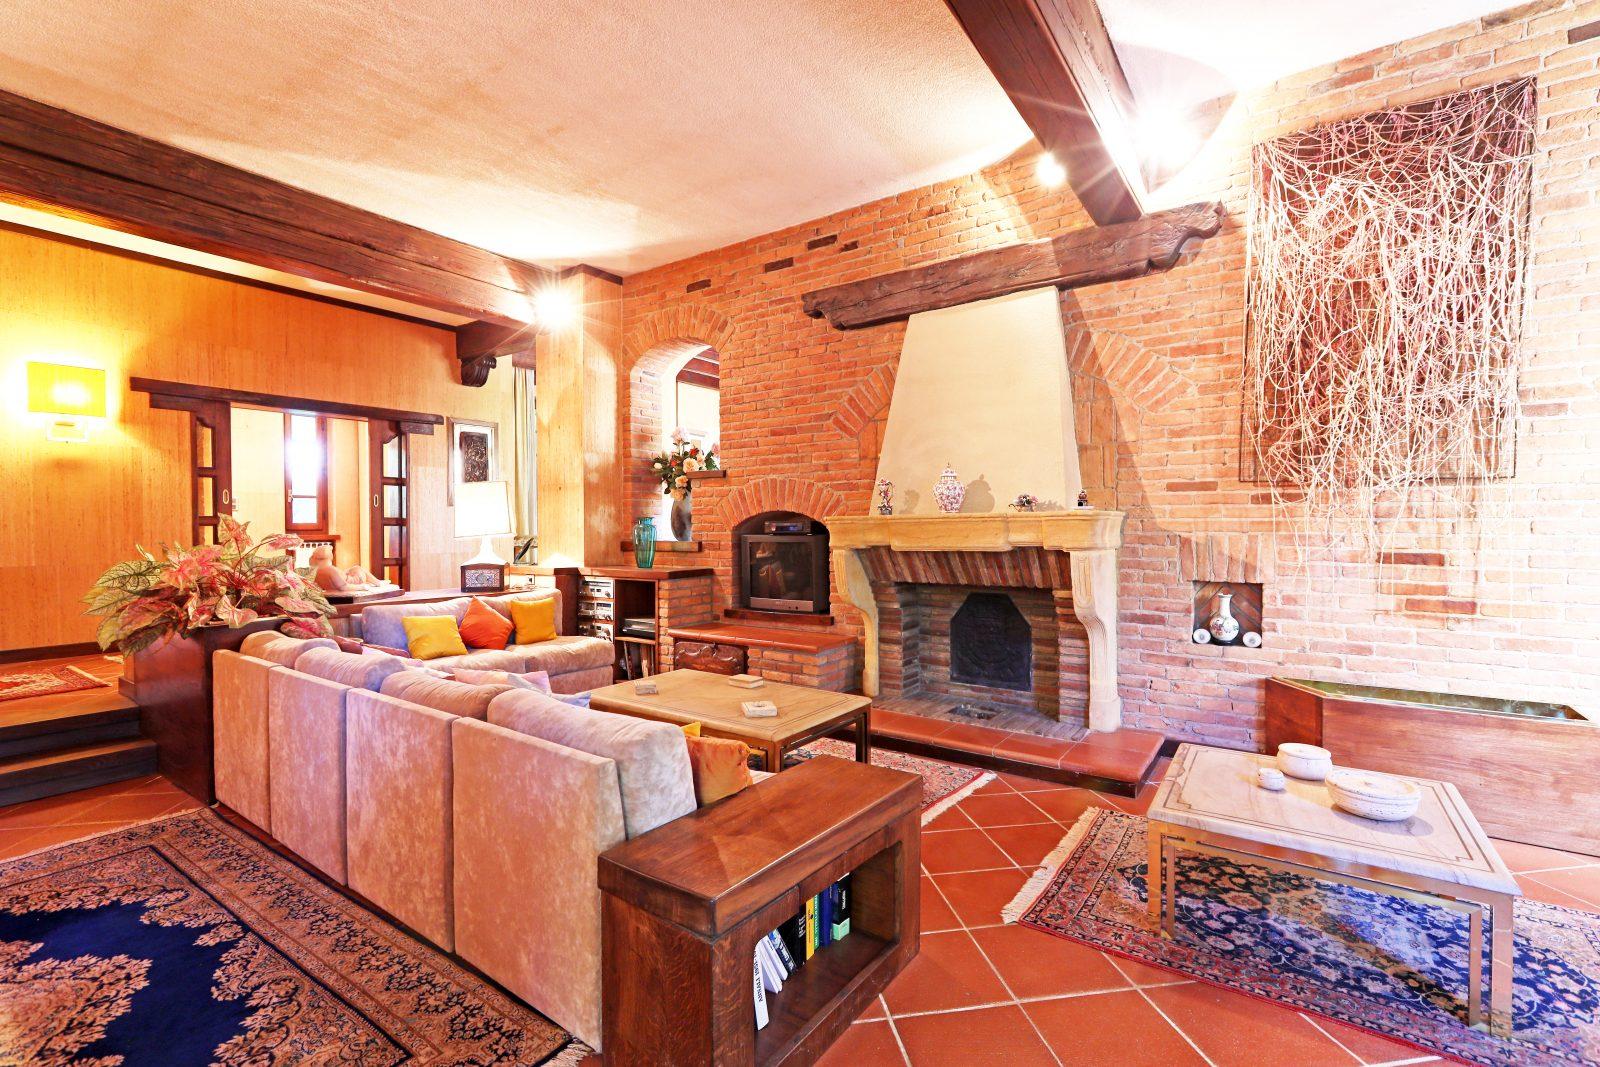 Villa di pregio nel Monferrato. In foto il salone di rappresentanza con camino.